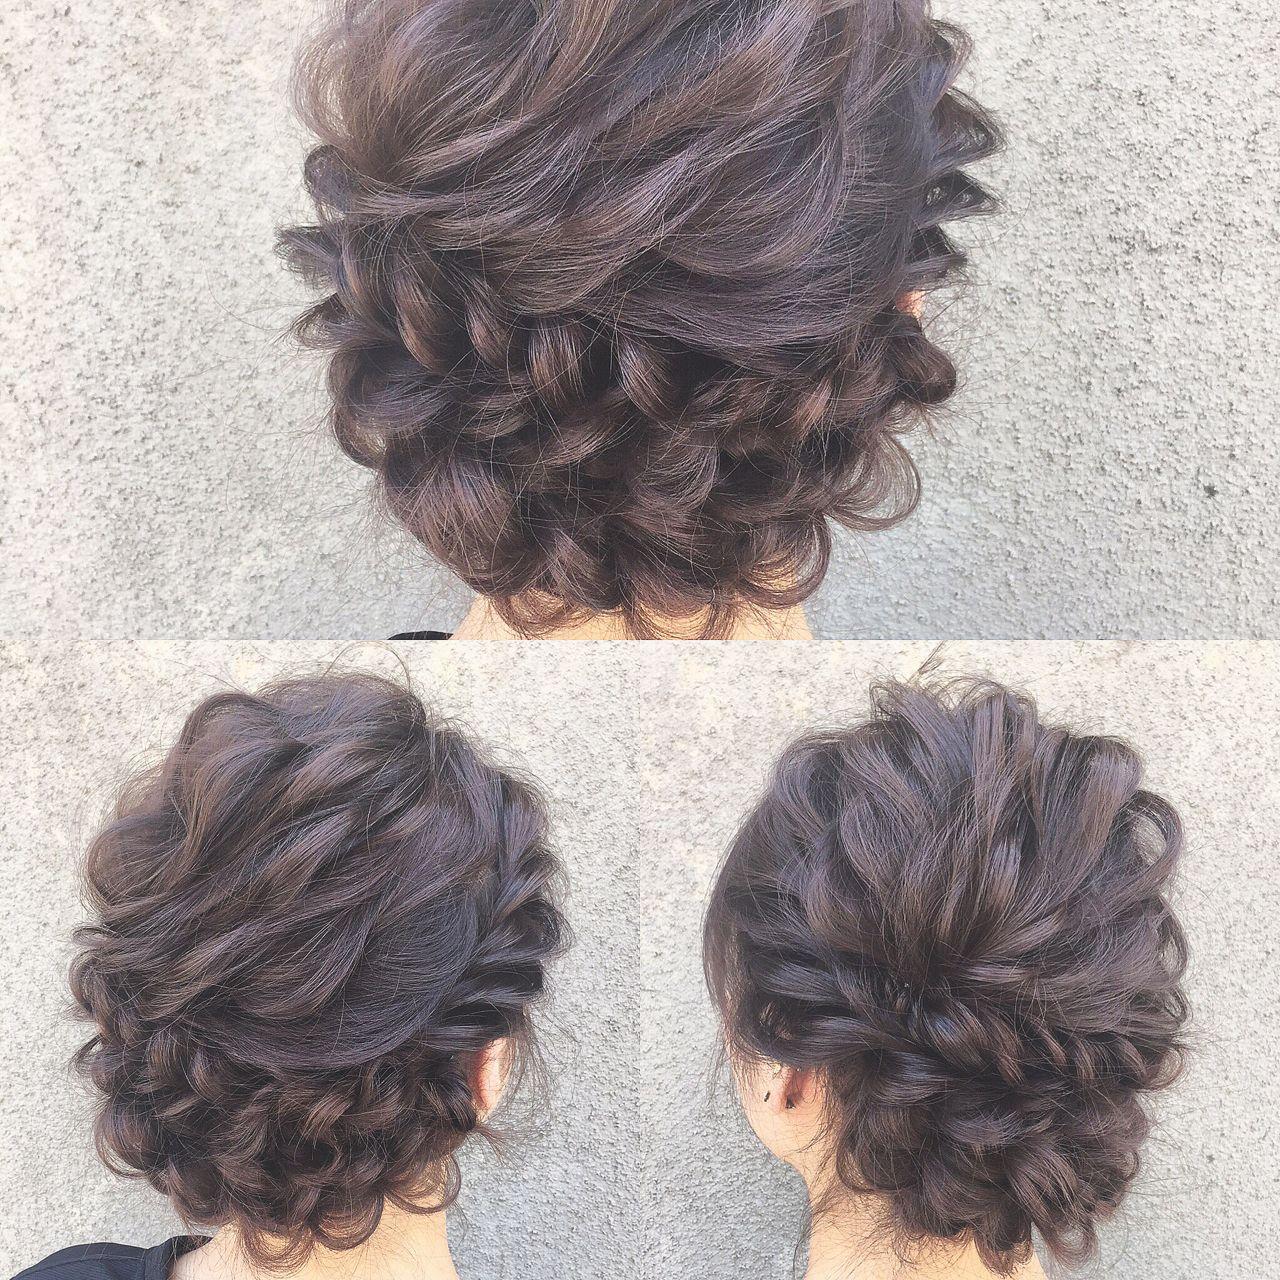 ヘアアレンジ ゆるふわ フェミニン ナチュラル ヘアスタイルや髪型の写真・画像